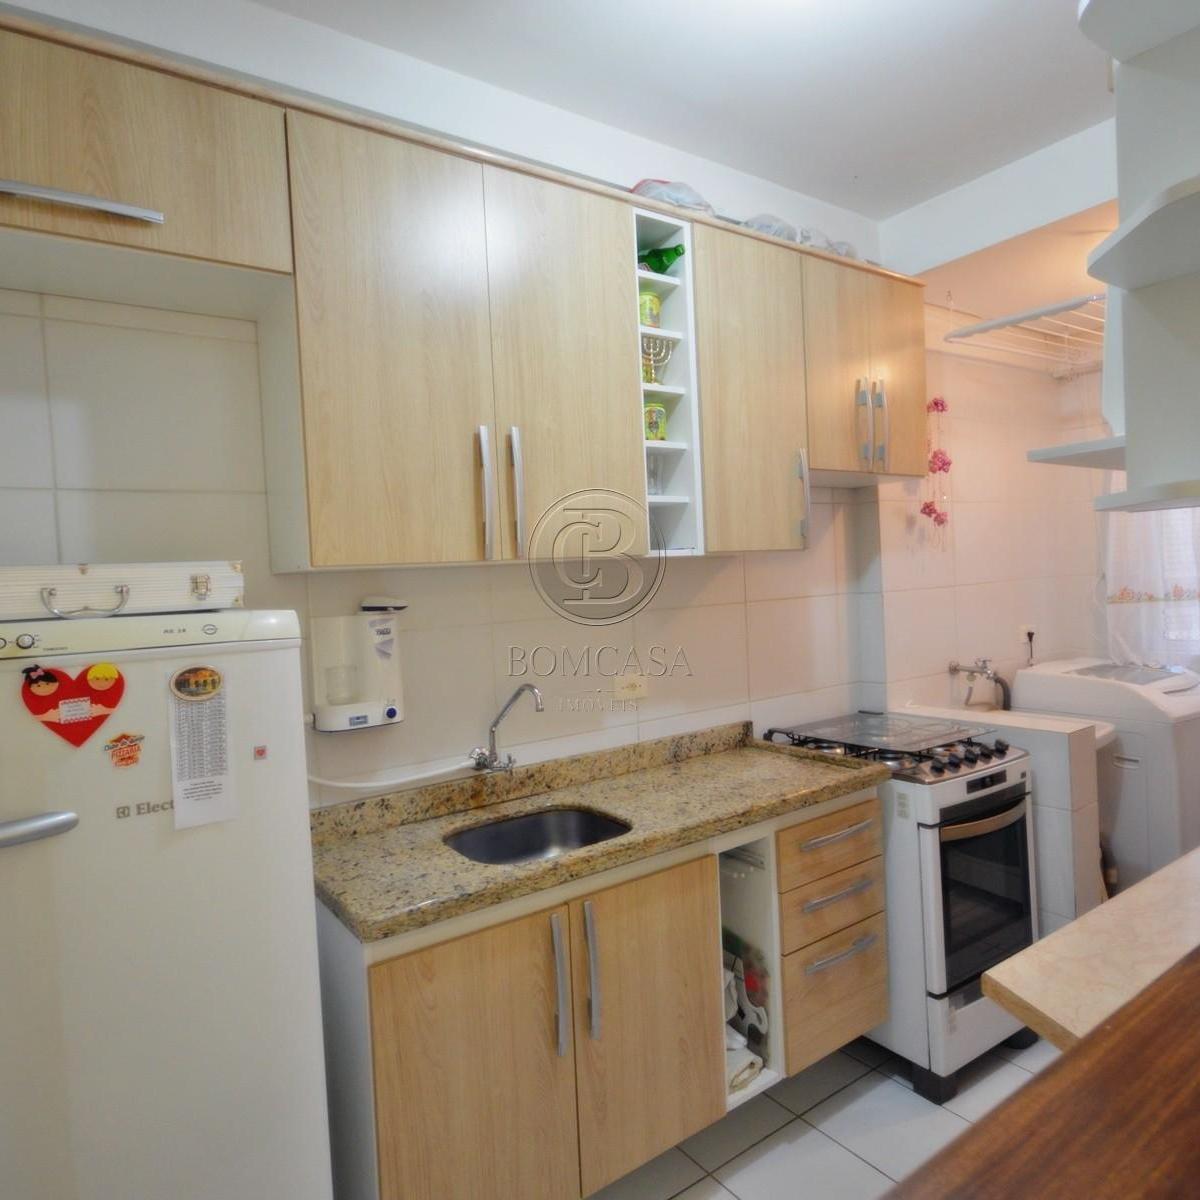 Imagens de #6E422E  curitiba fazendinha apartamento à venda na fazendinha cod 1820bc 1200x1200 px 3010 Box Banheiro Curitiba Fazendinha